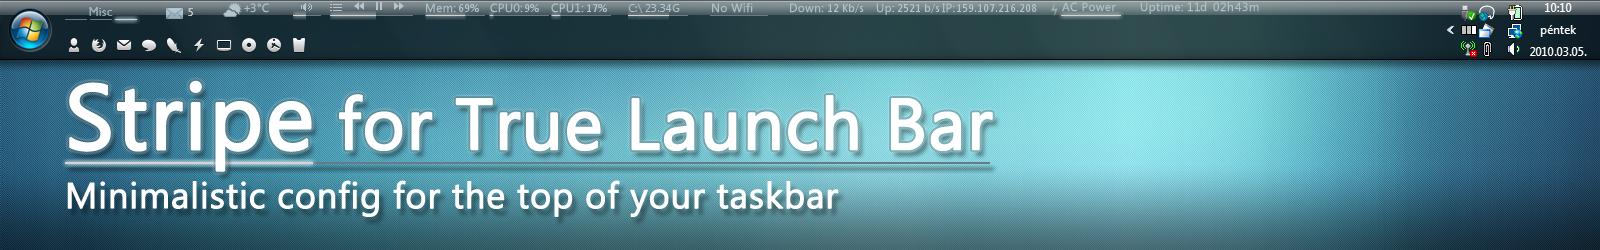 Stripe for True Launch Bar by ethsza